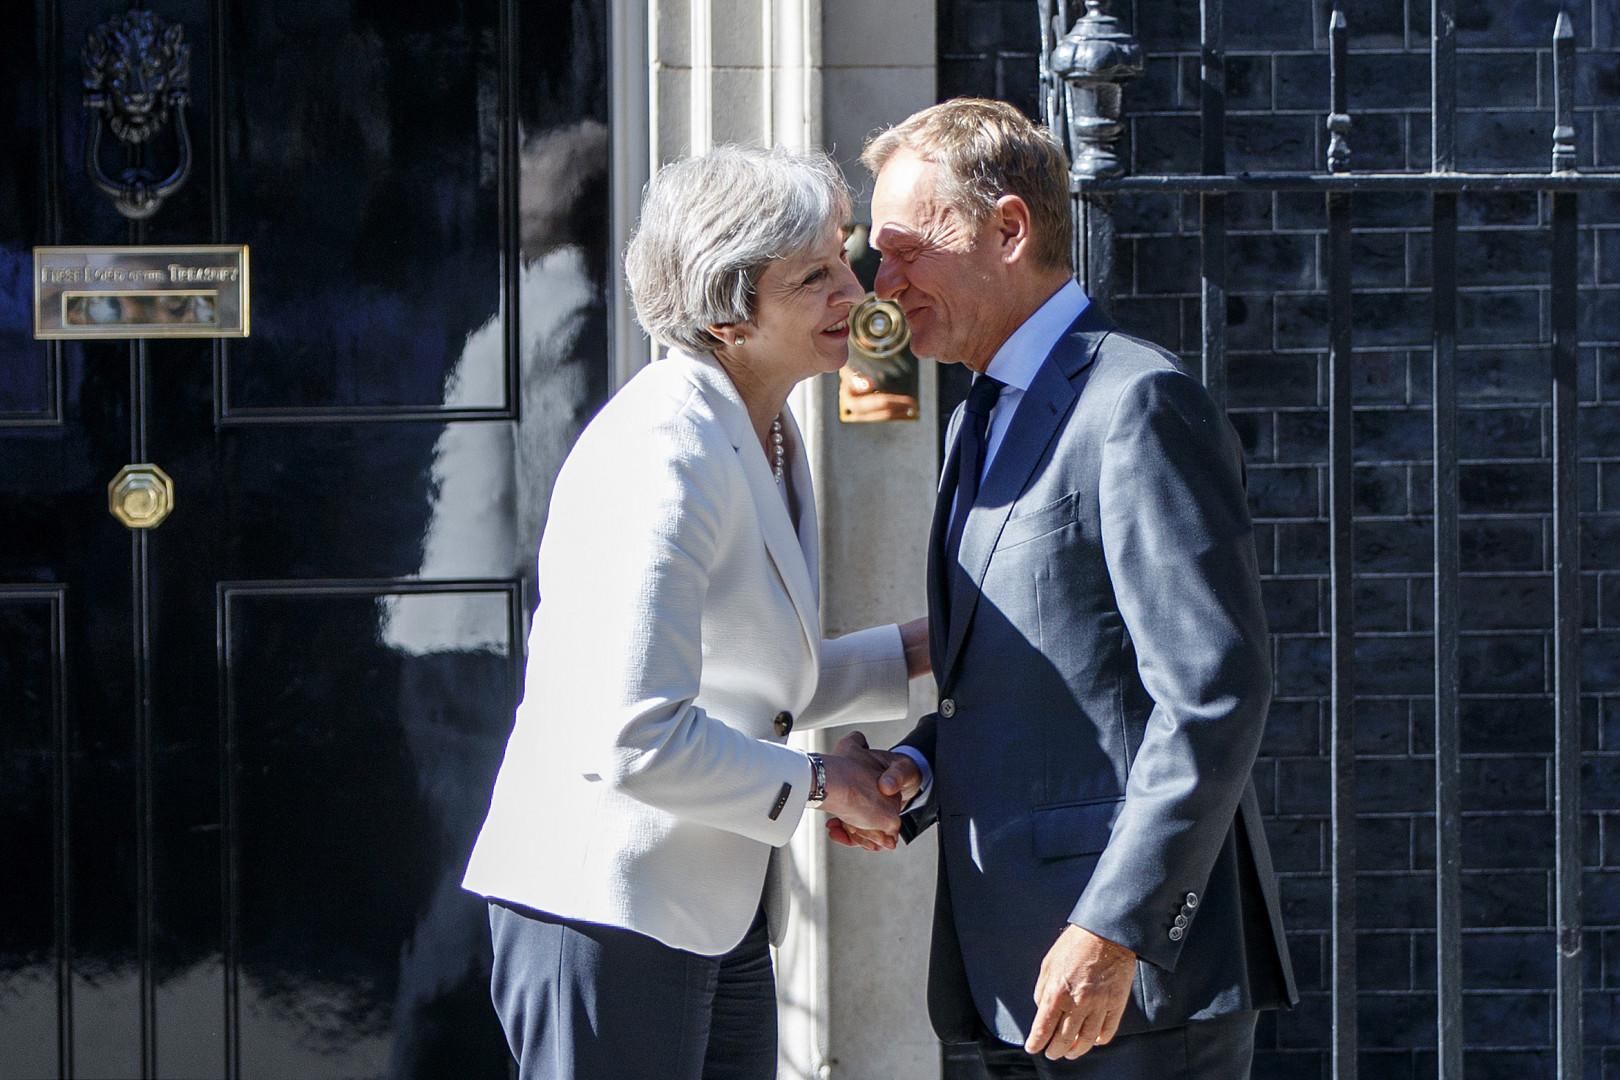 29 mars 2017: le président du Conseil européen Donald Tusk reçoit la lettre de la Première ministre britannique Theresa May activant l'article 50 du traité de Lisbonne: le processus du Brexit est officiellement enclenché